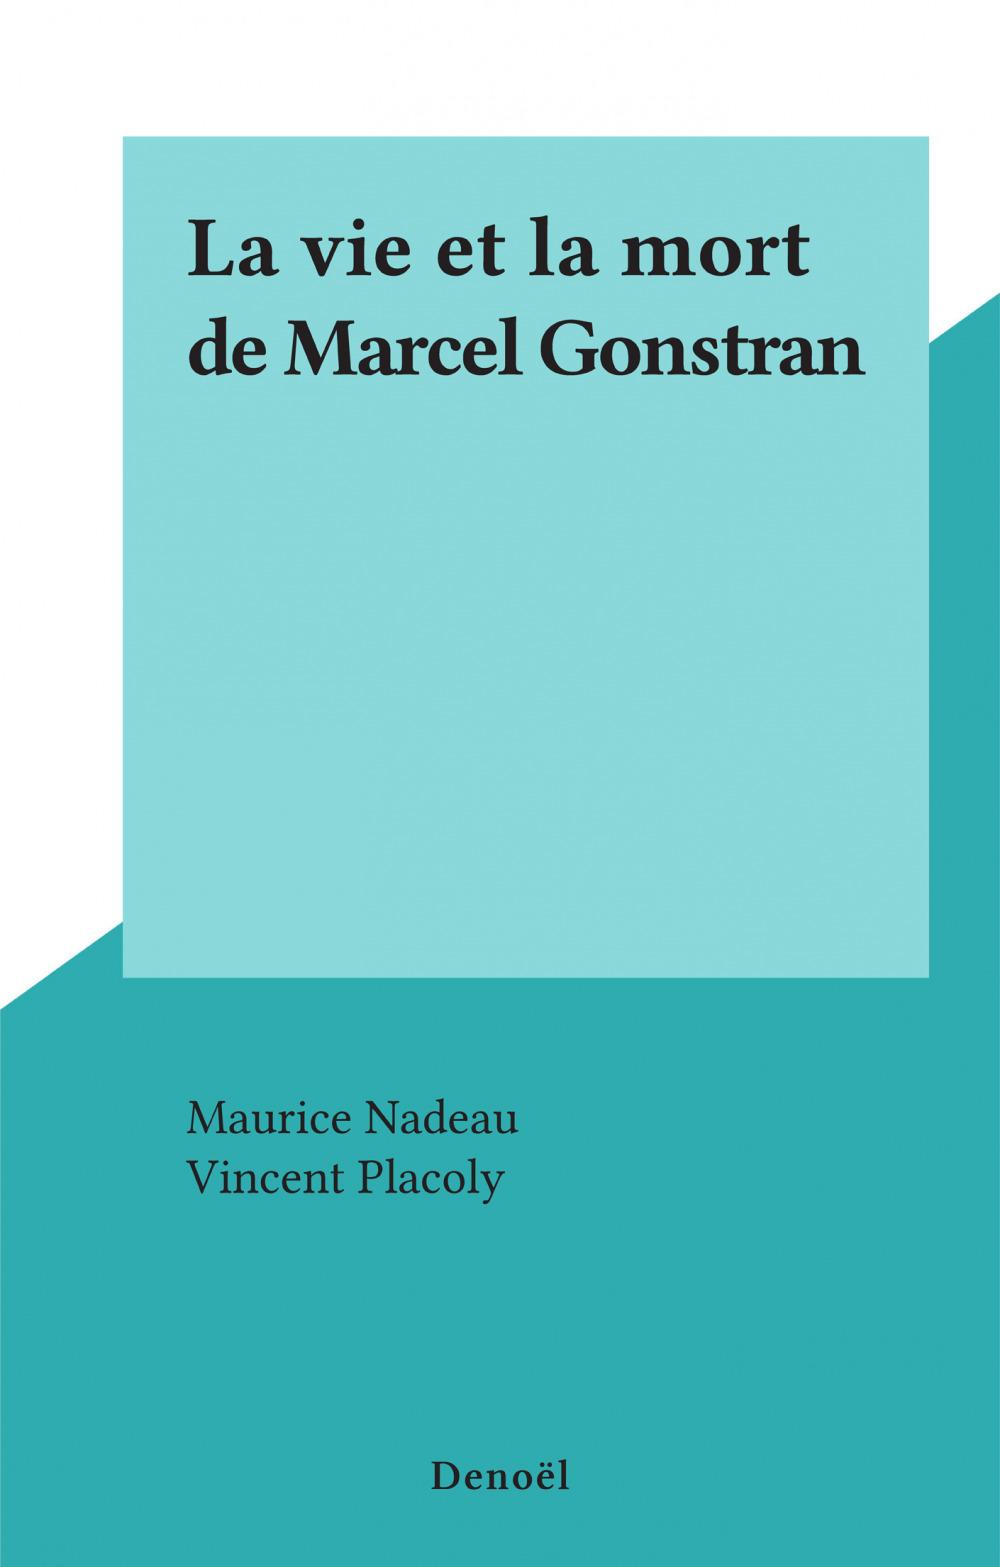 La vie et la mort de Marcel Gonstran